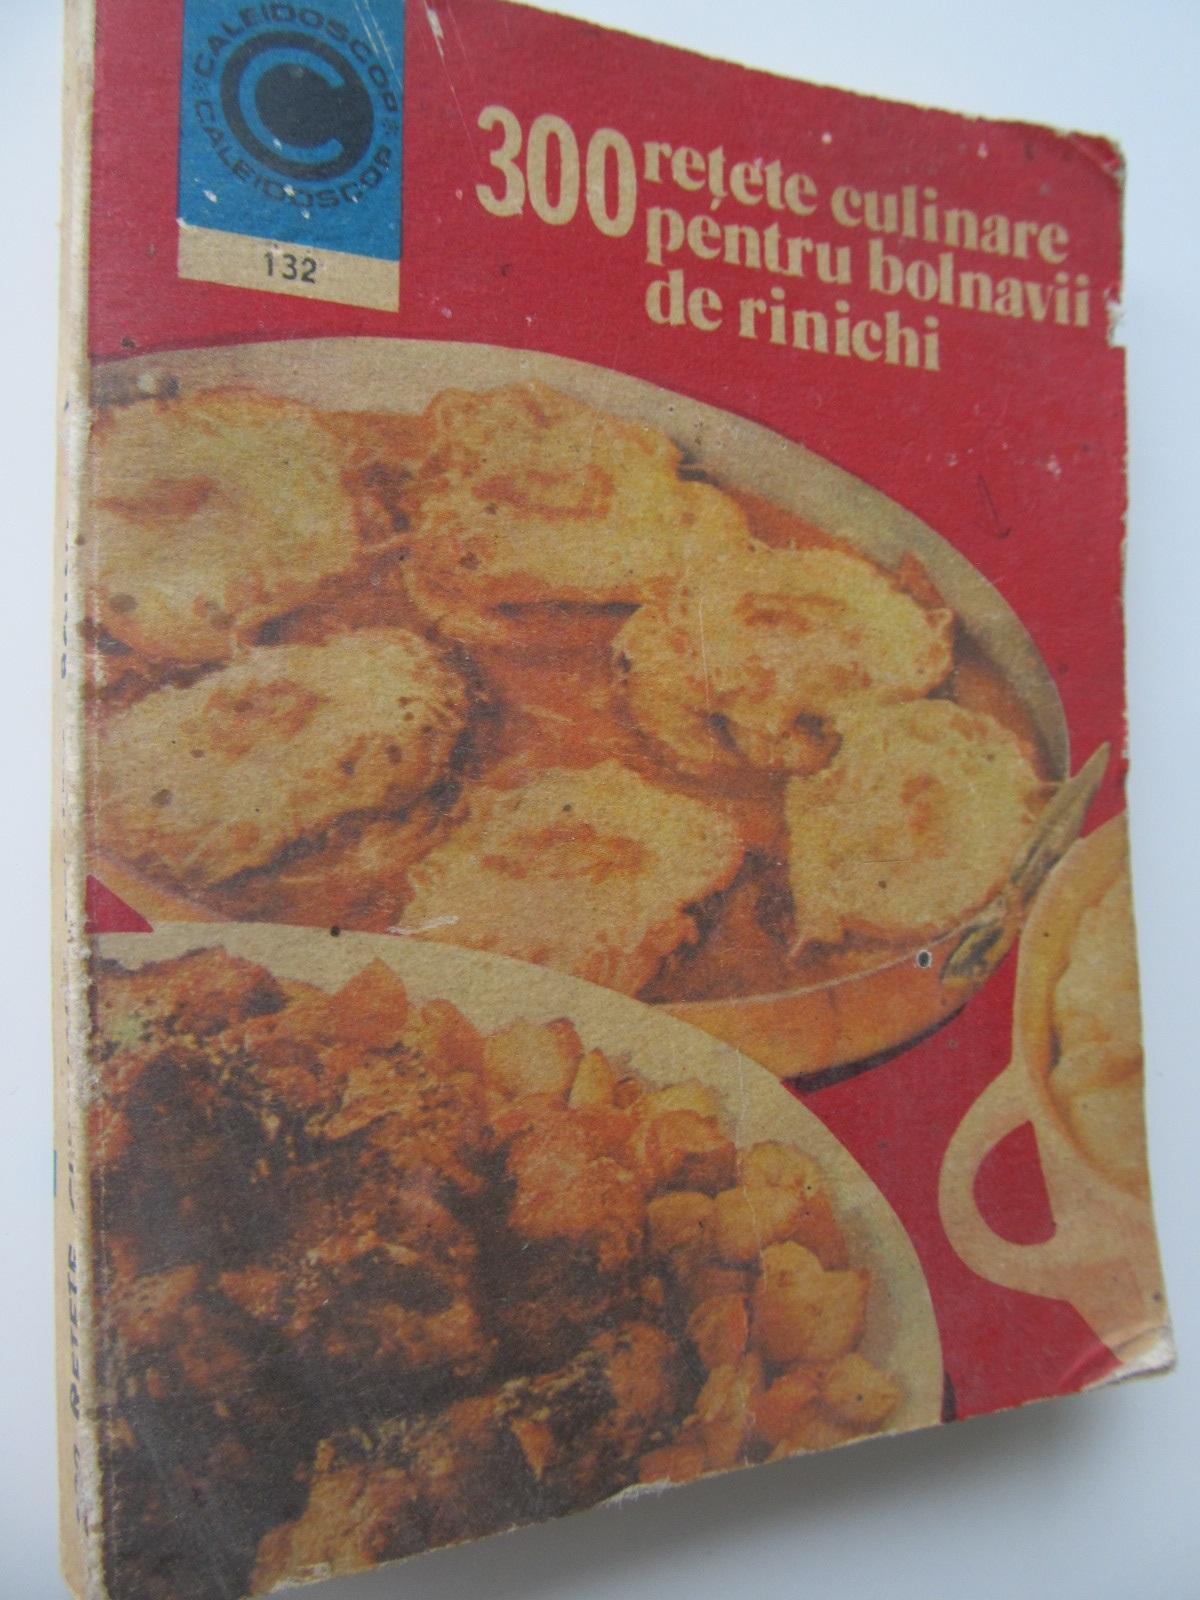 300 retete culinare pentru bolnavii de rinichi (132) - Rozalia Muresanu | Detalii carte